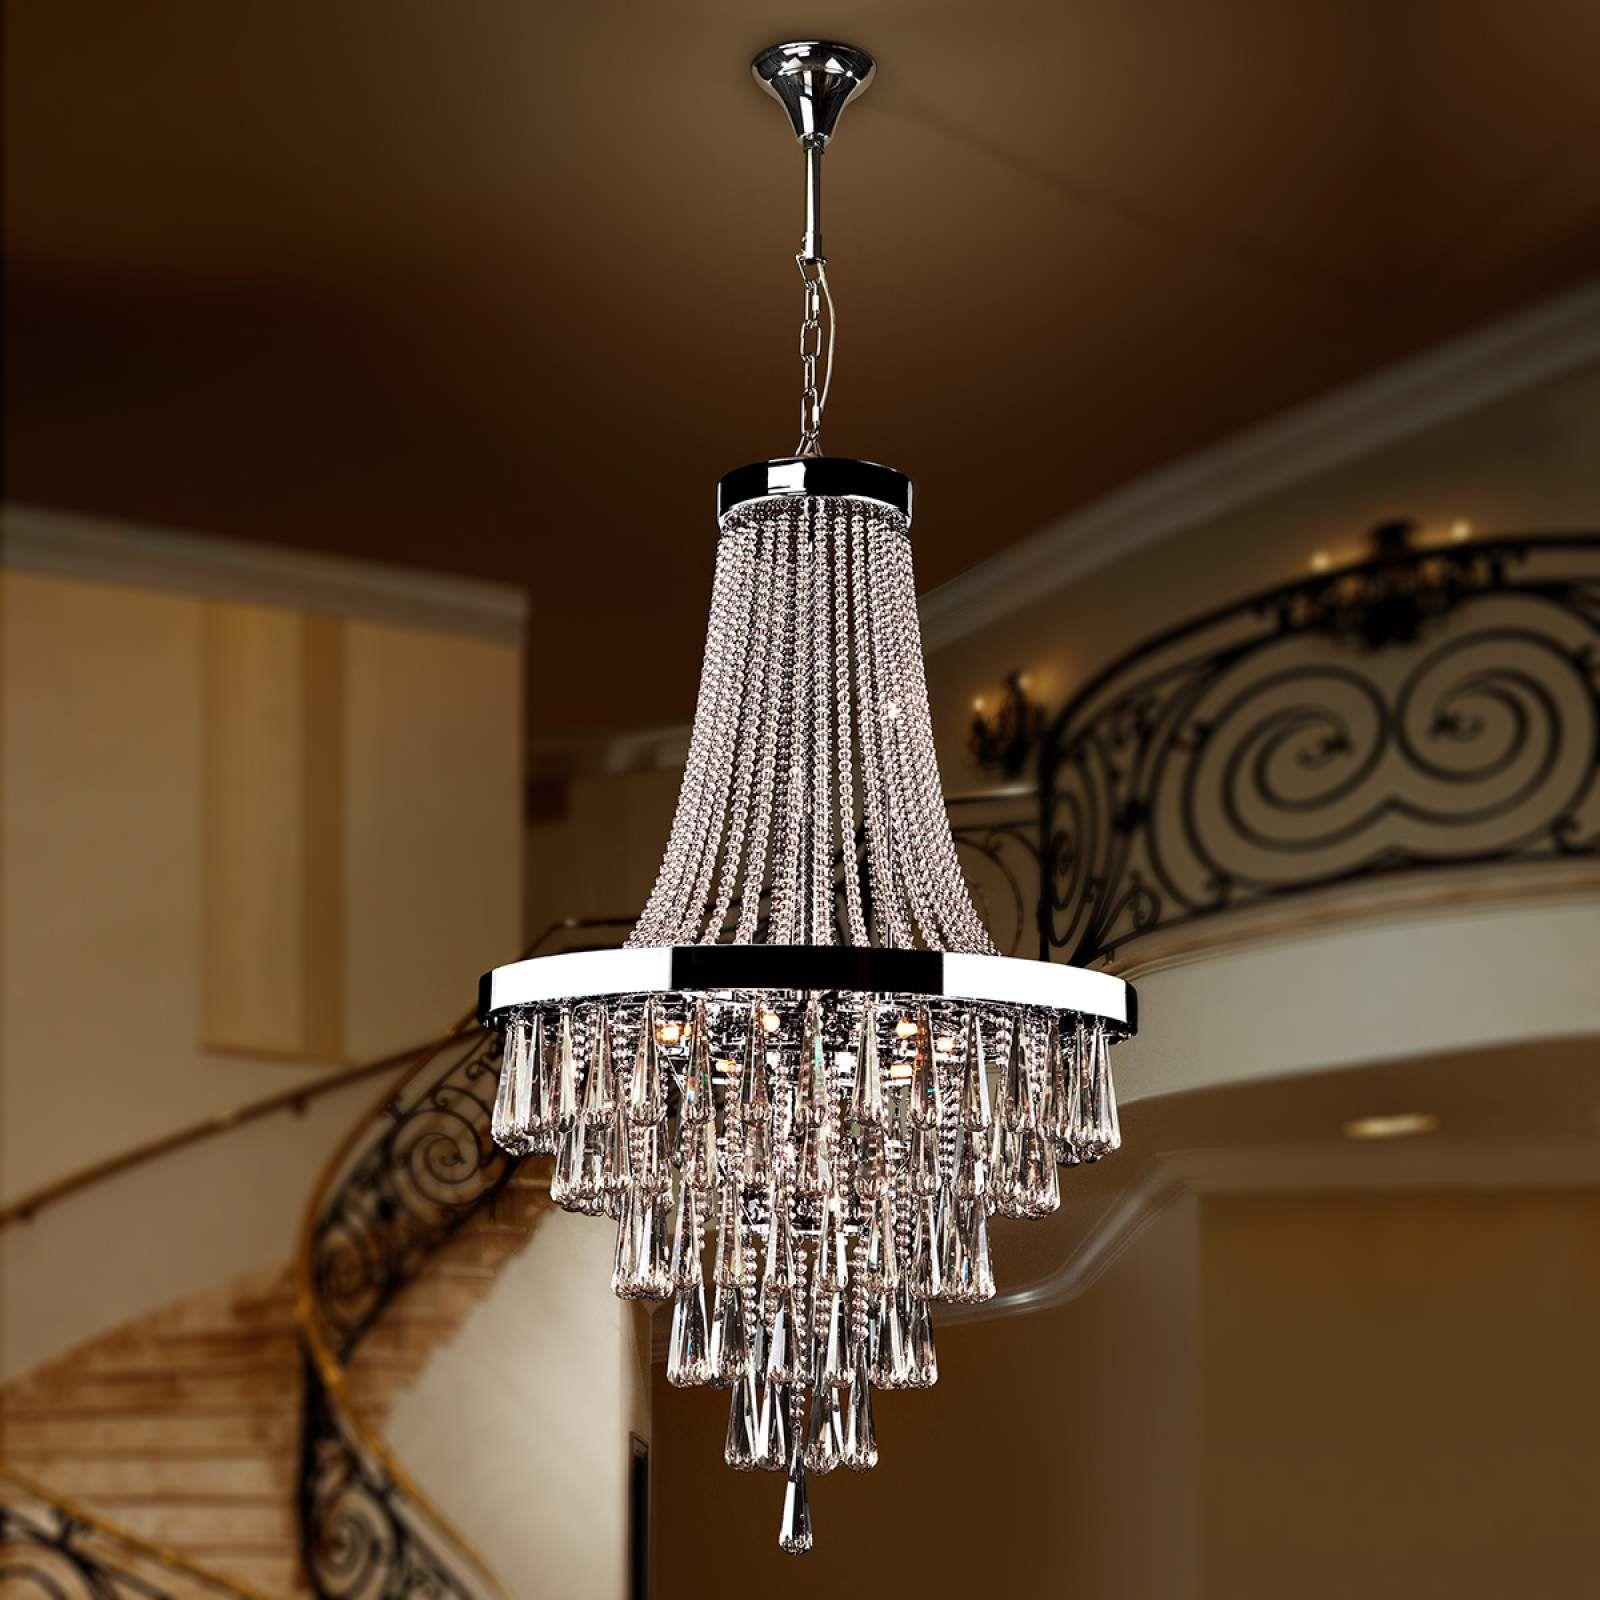 Moderne Kronleuchter Palace Von Schuller Silber Kronleuchter Beleuchtung Decke Und Kronleuchter Modern